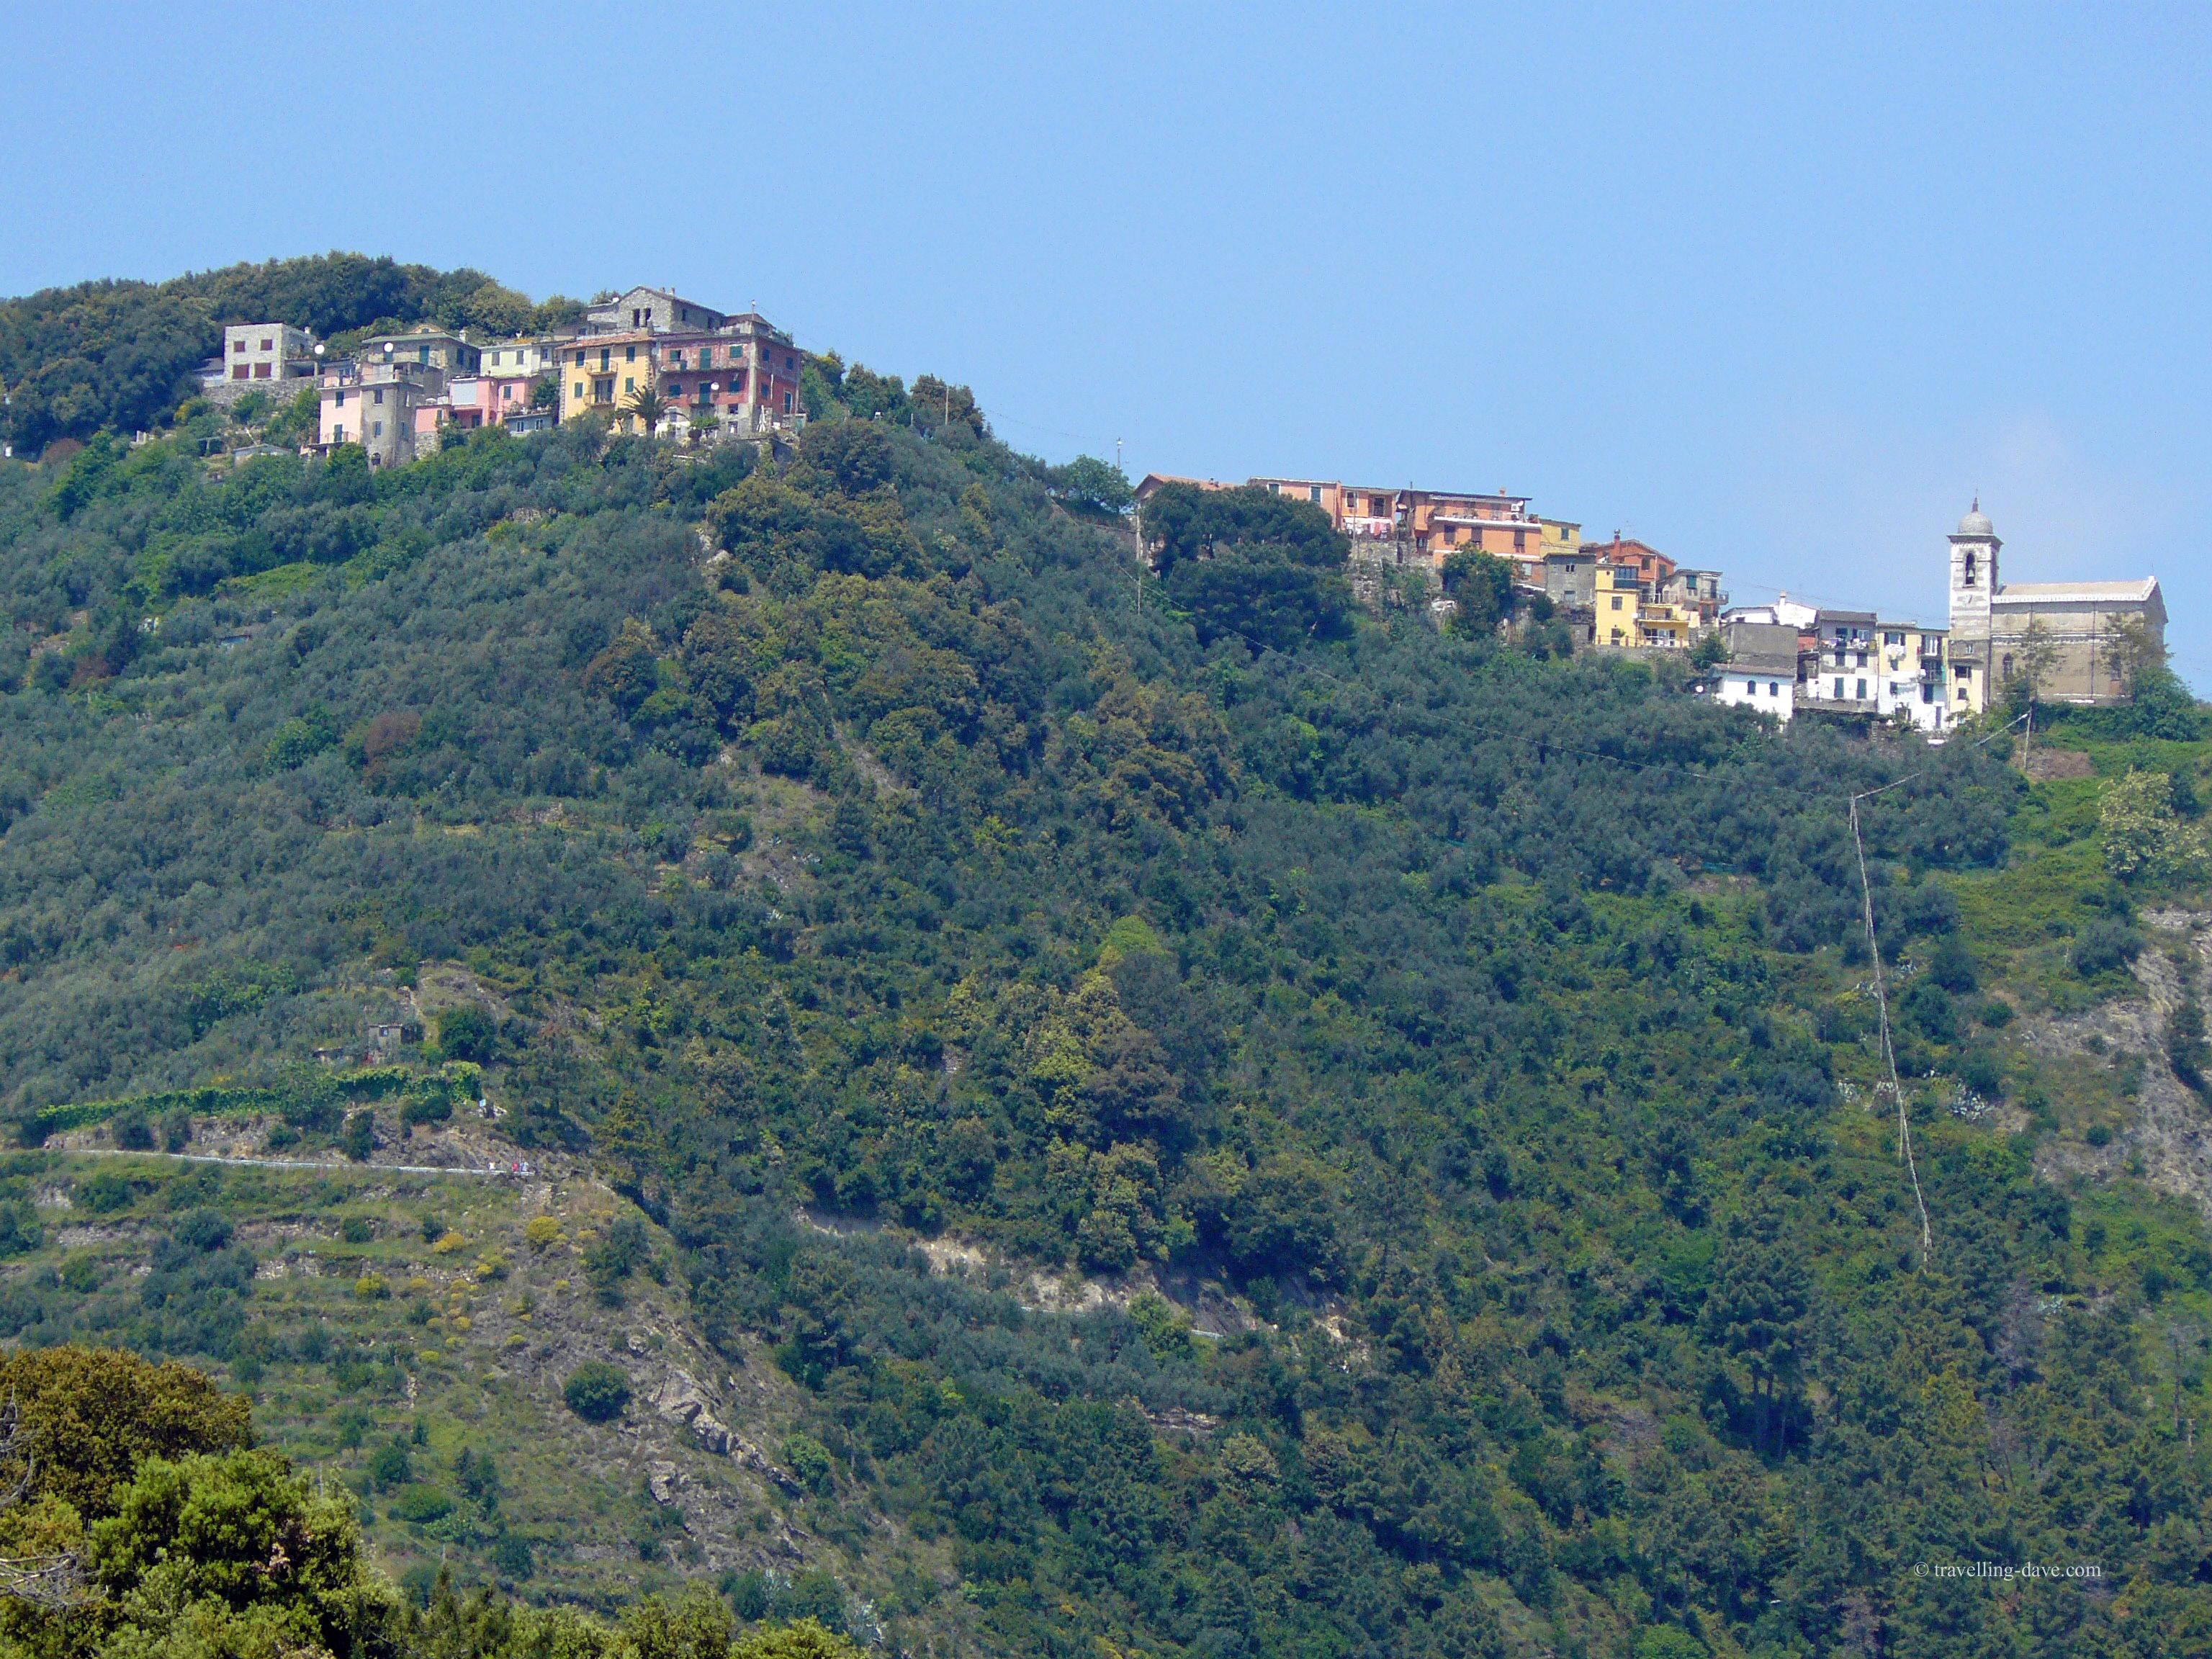 The village of Corniglia, one of the Cinque Terre in Italy